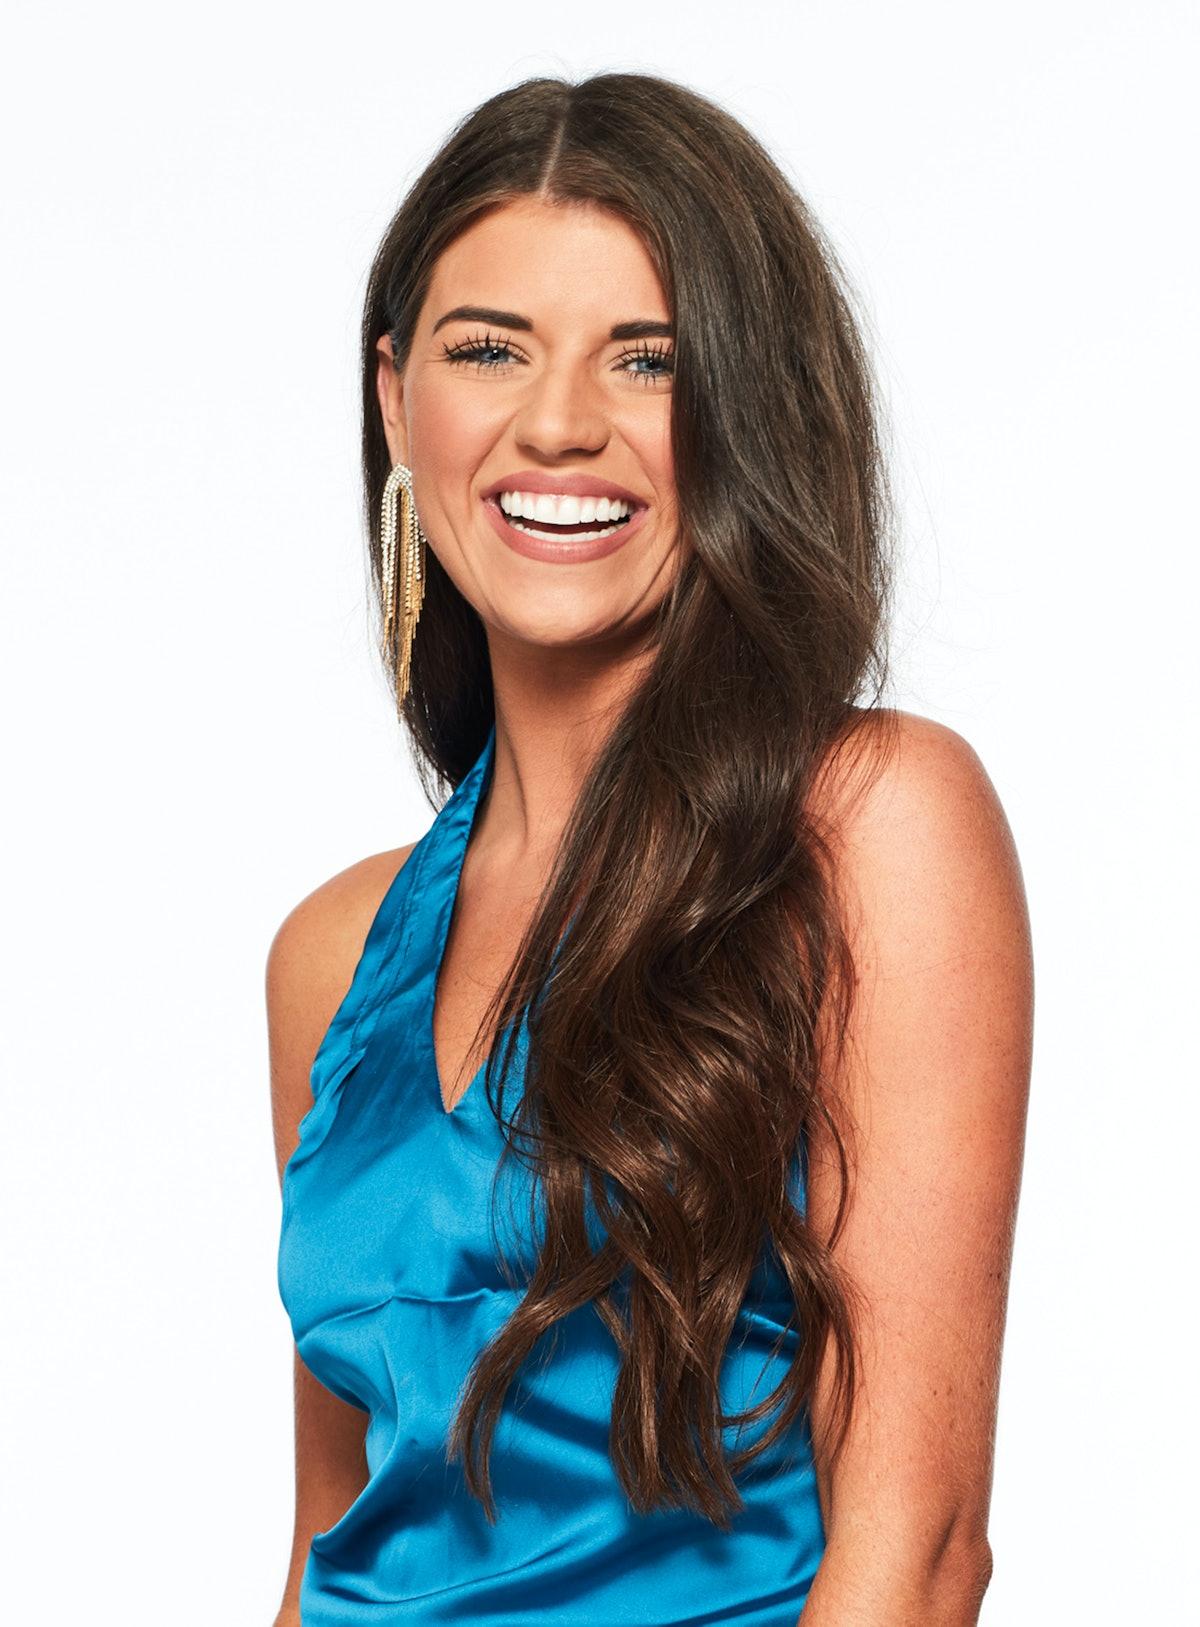 Madison on 'The Bachelor'